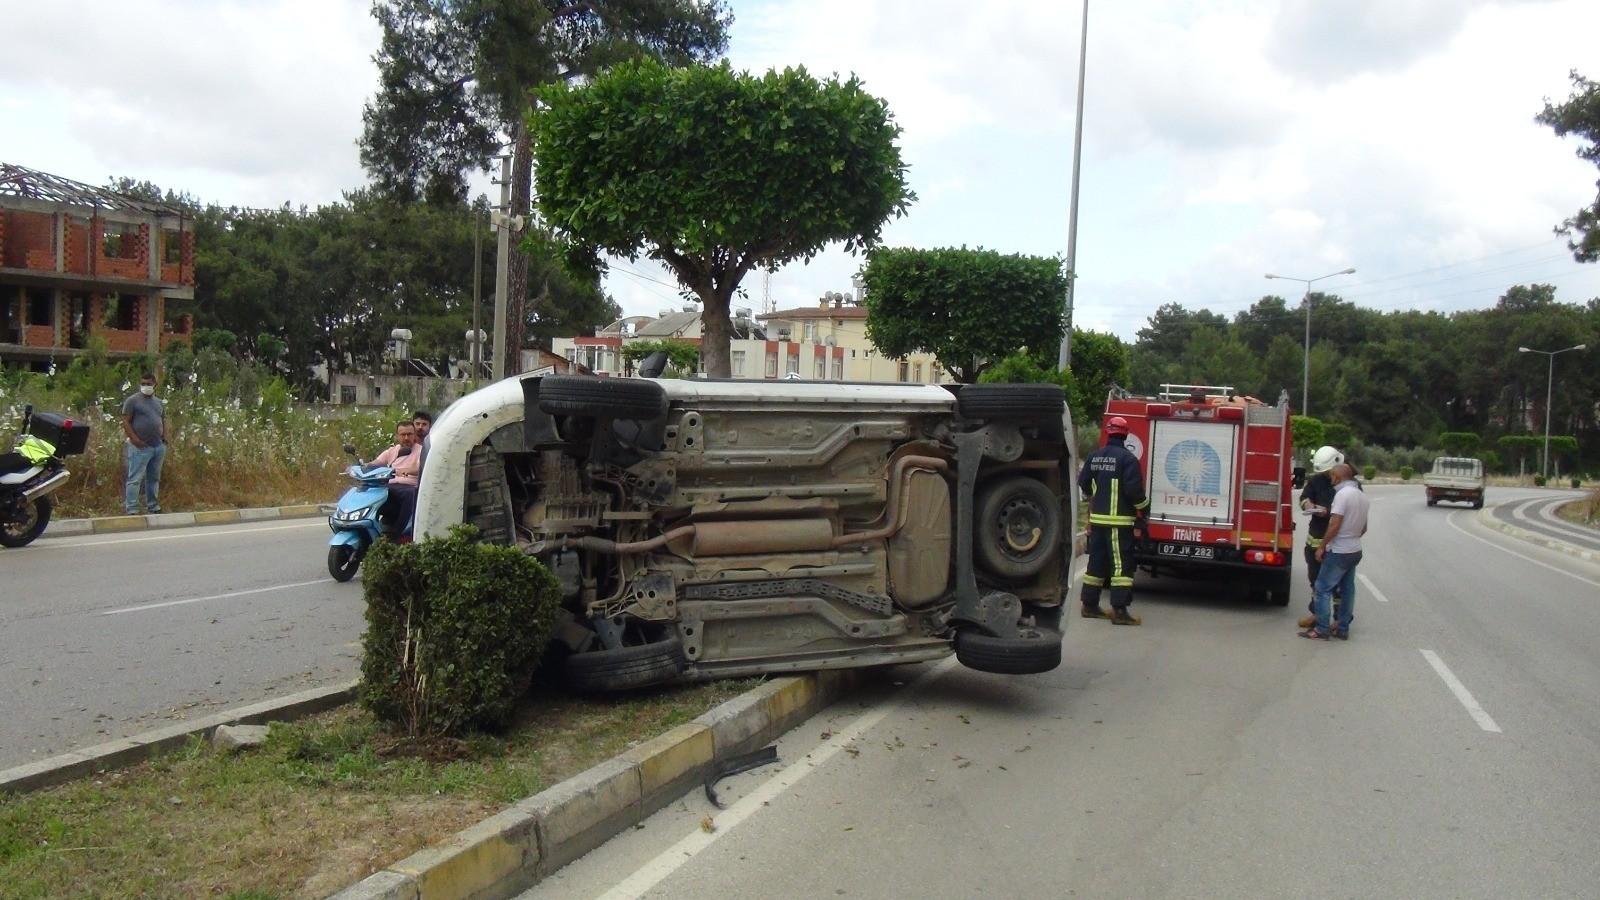 Antalya'da virajı alamayarak takla atan araç refüjdeki ağaç sayesinde karşı şeride geçmekten kurtuldu